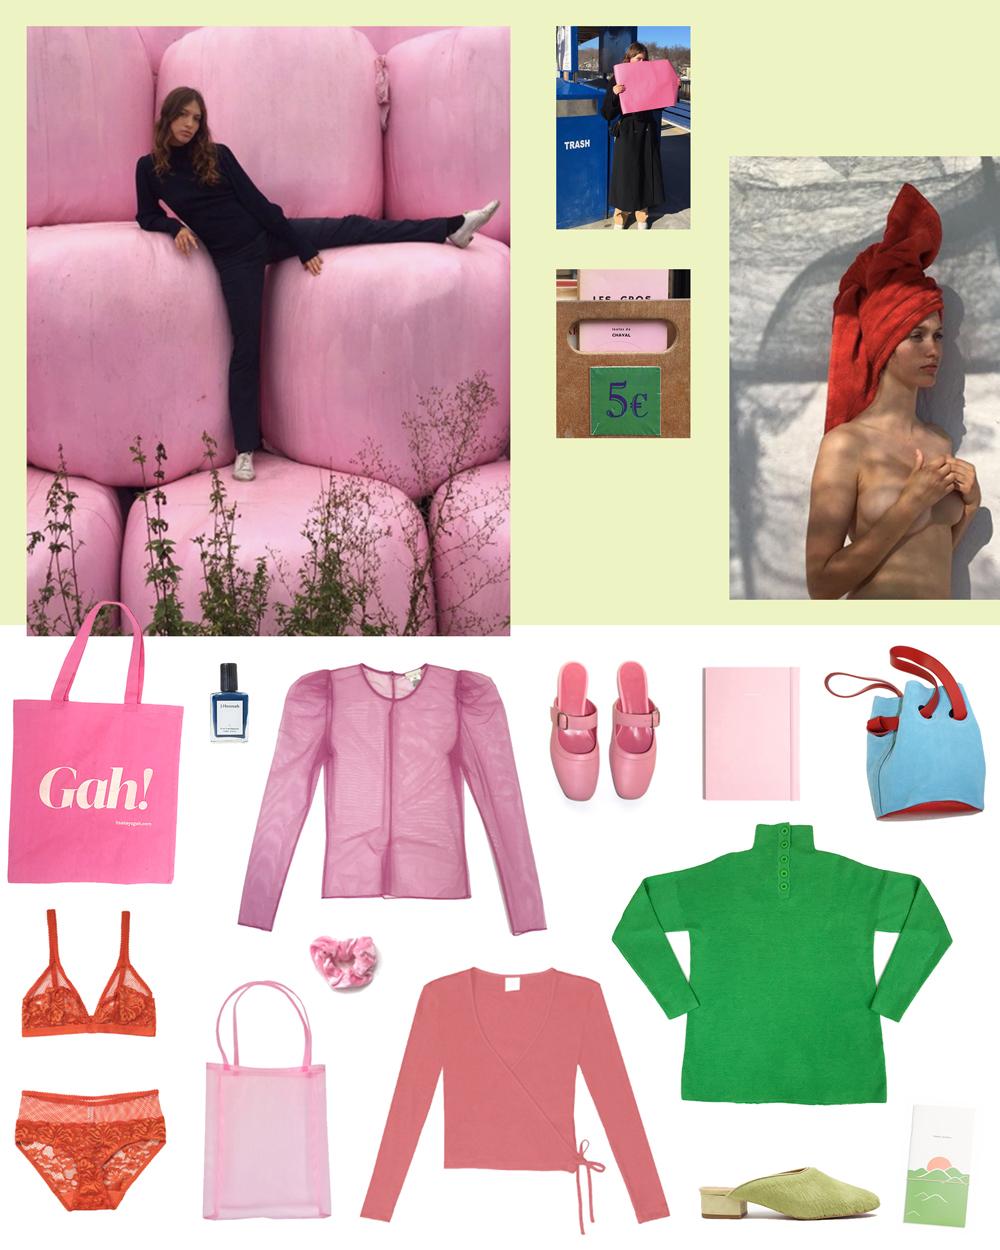 Lisa-Says-Gah-MuseMonday-Alice-Moireau-Collage.jpg